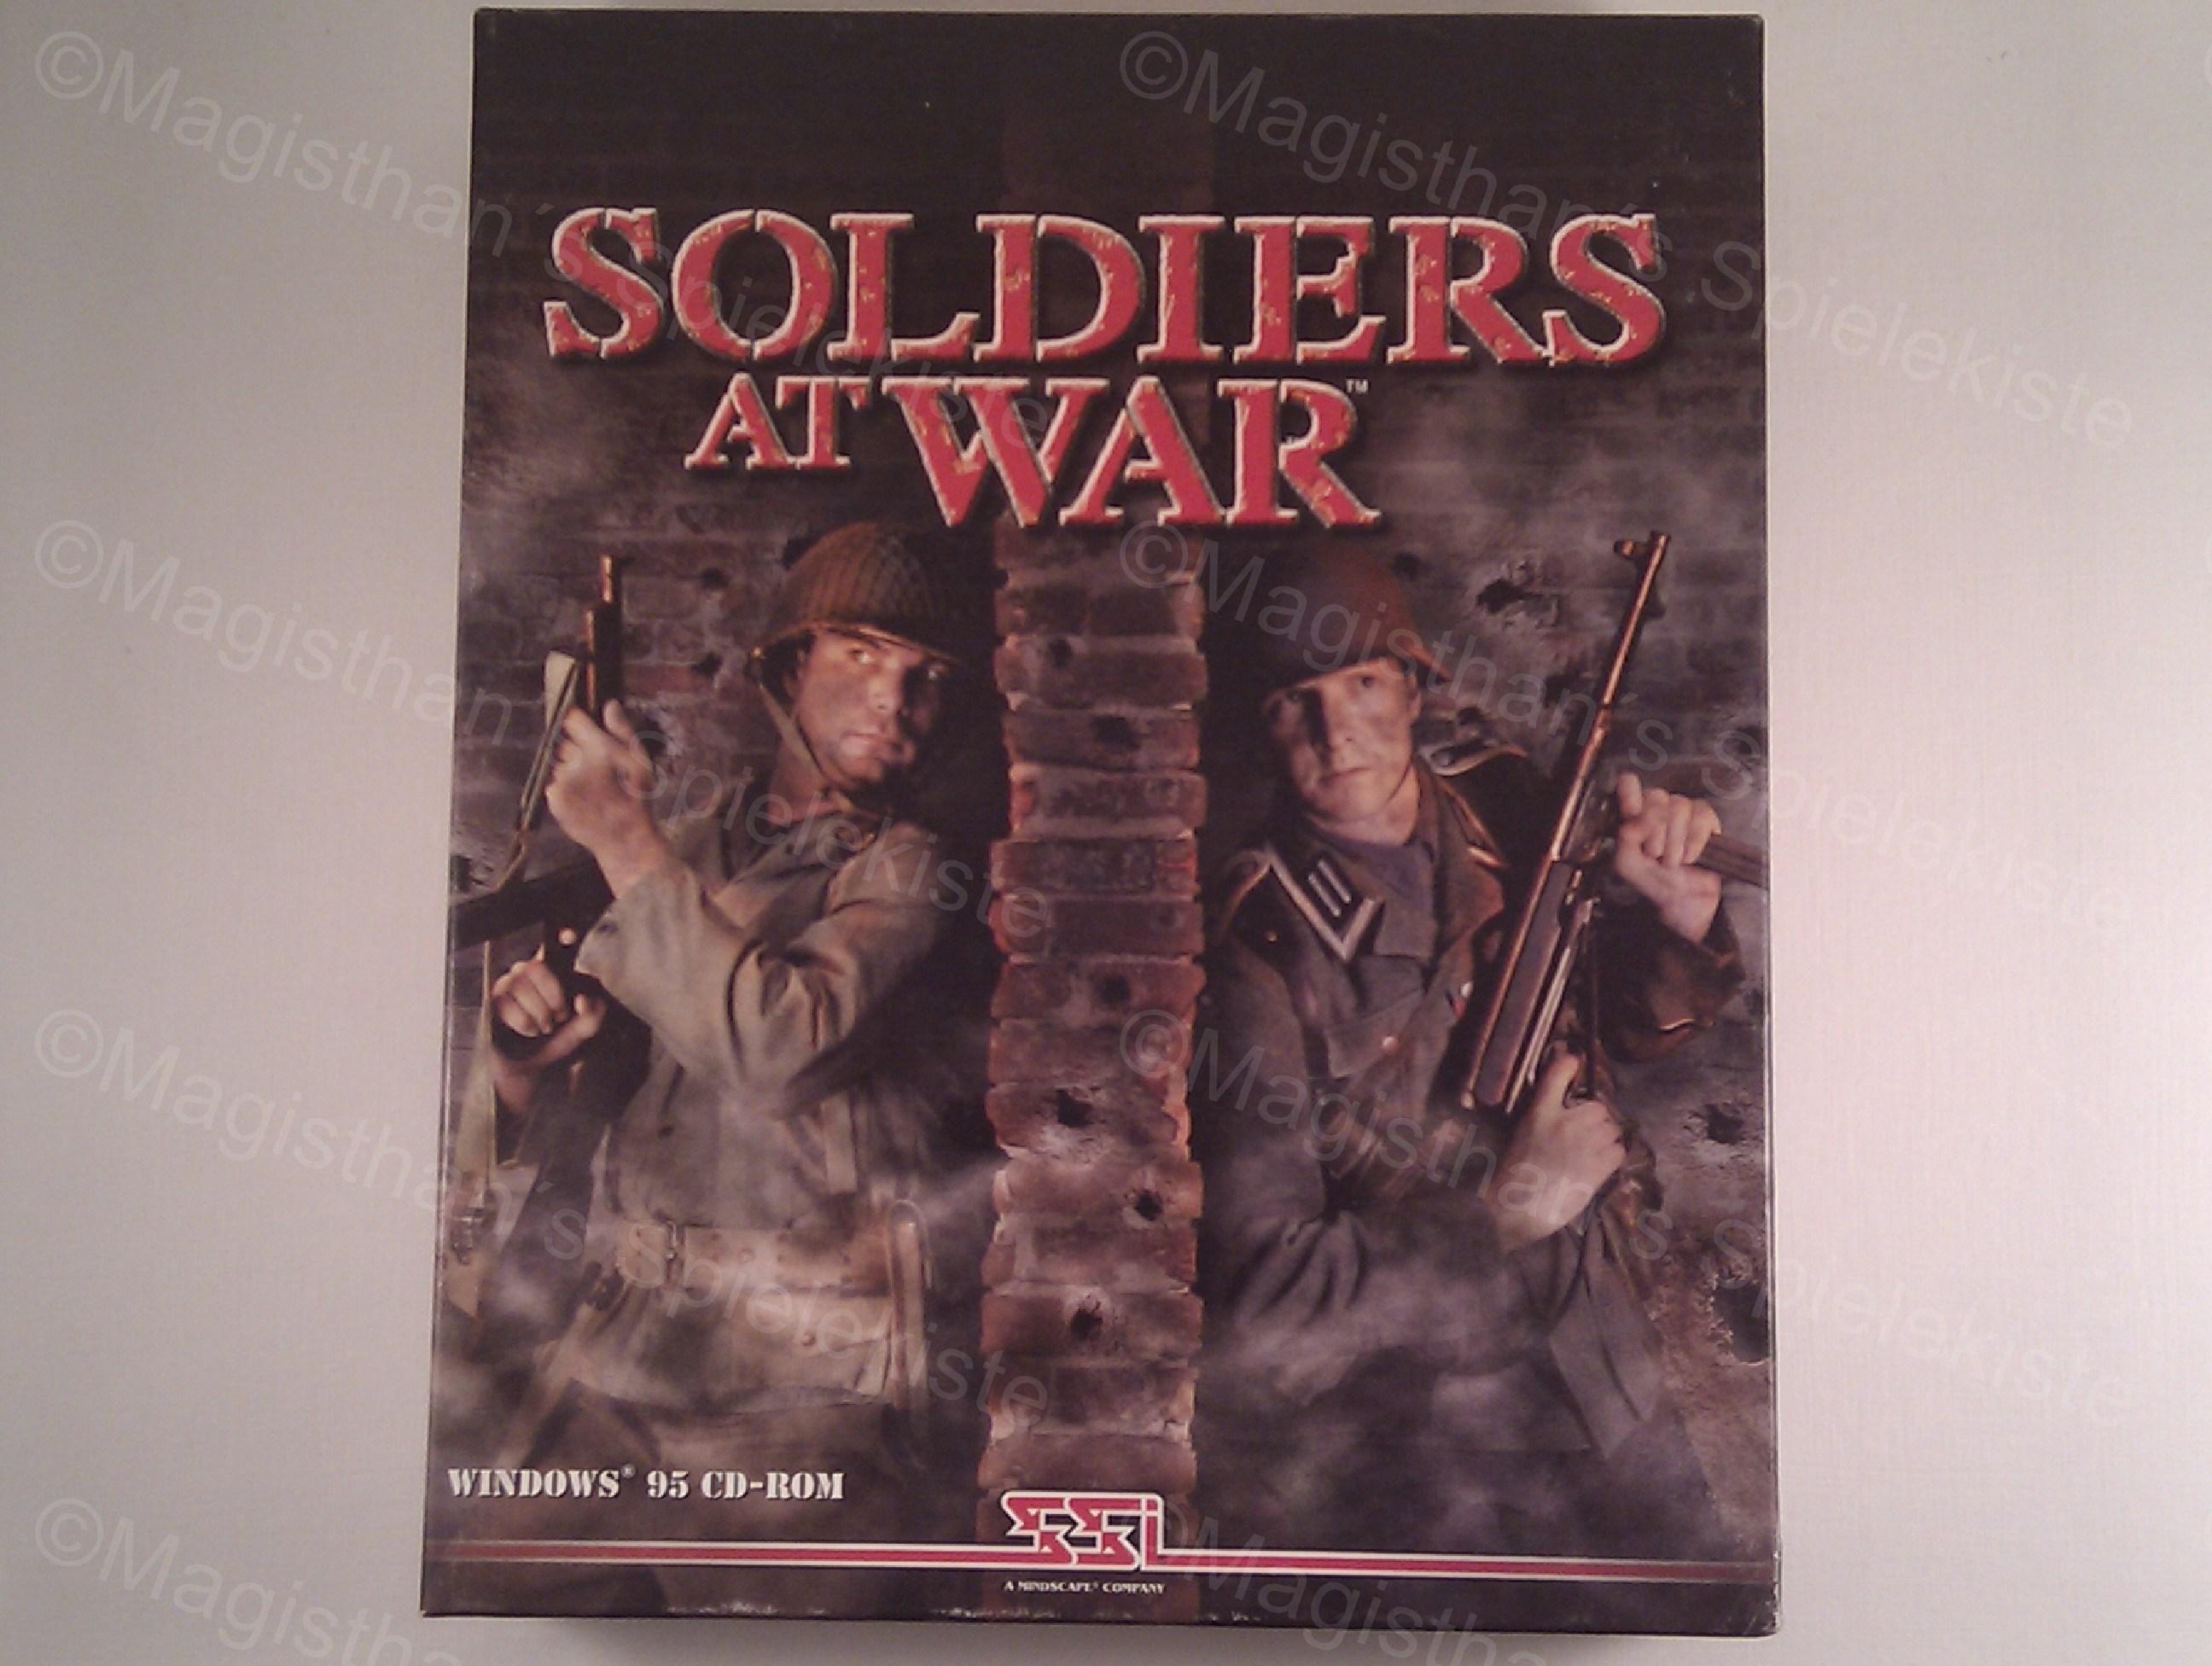 SoldiersatWar1.jpg